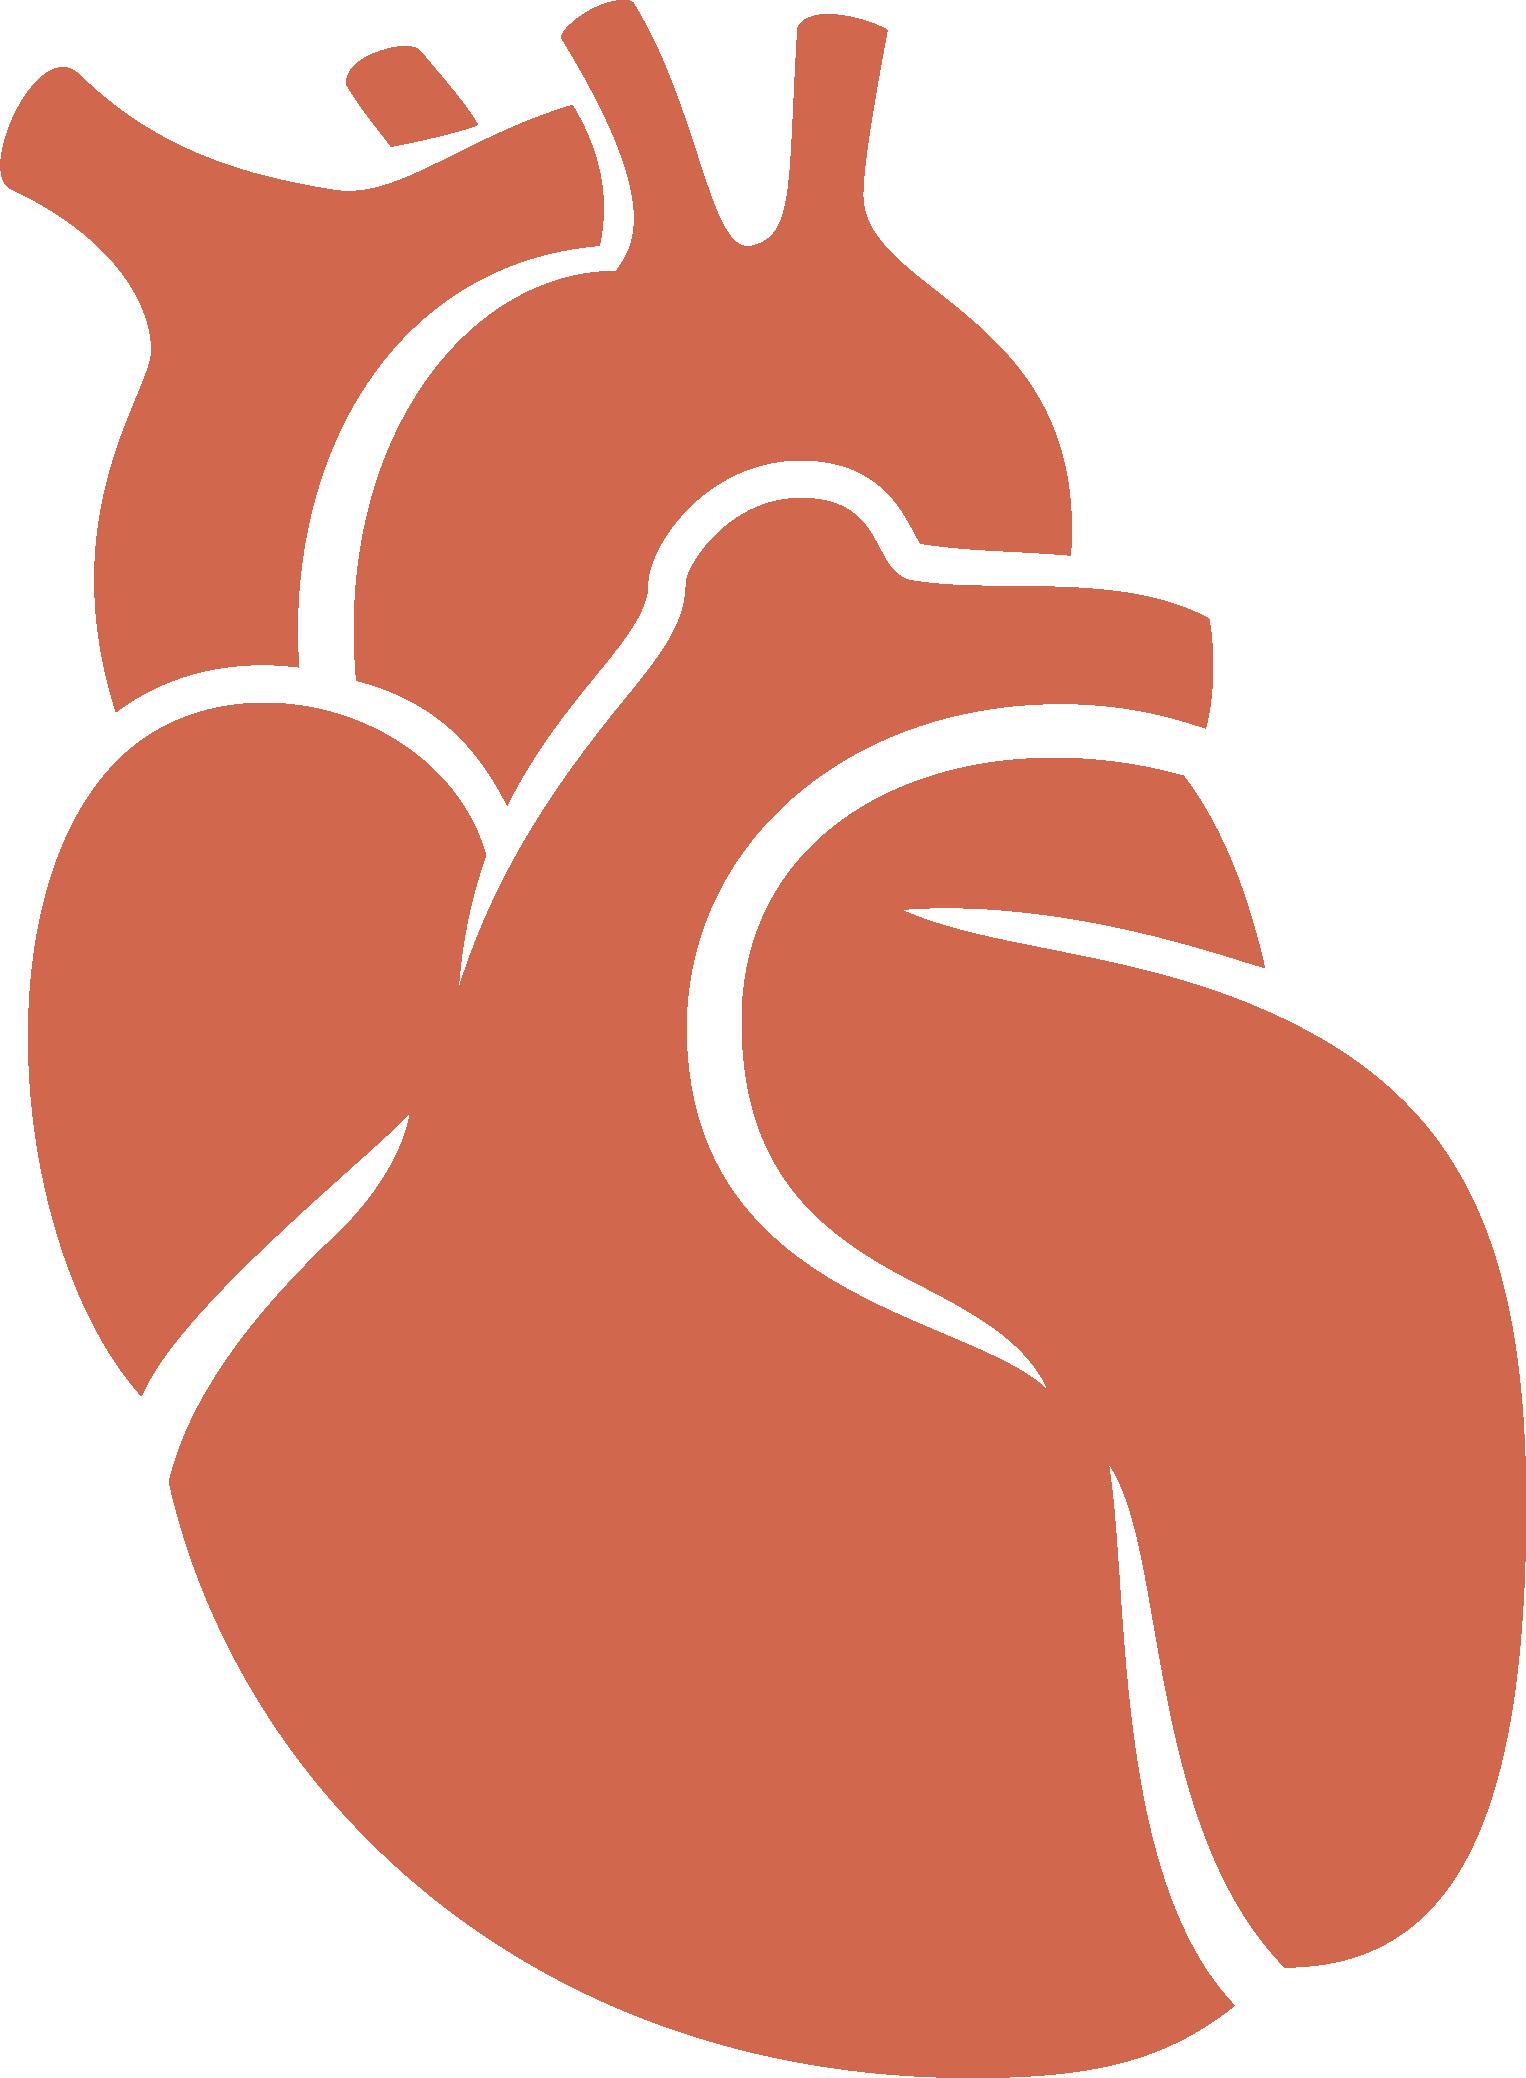 Donation clipart hand heart. Organ transplantation tissue red